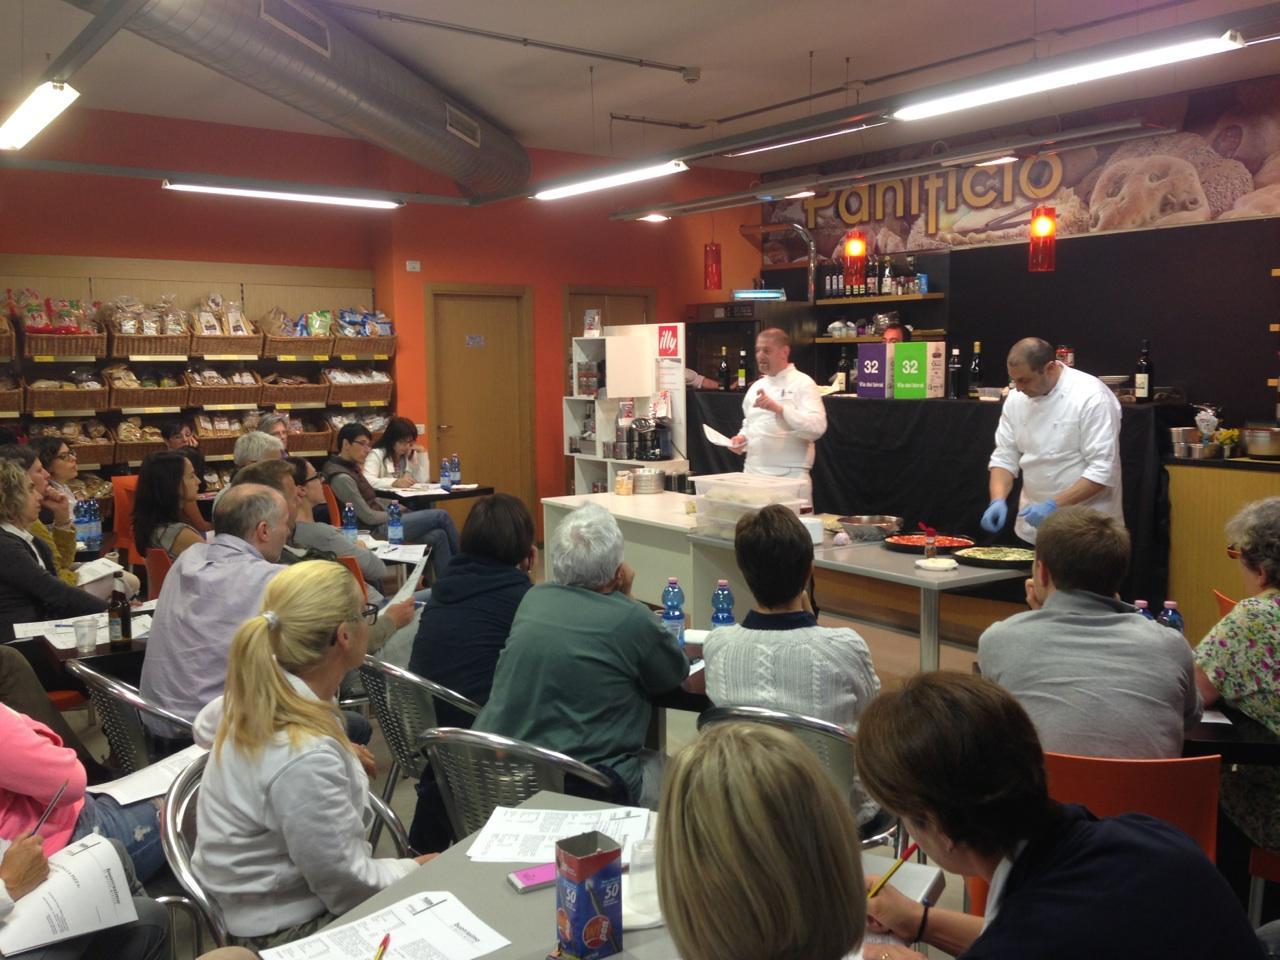 I corsi di cucina a buonissimo rovereto il blog di - Corsi cucina brescia ...